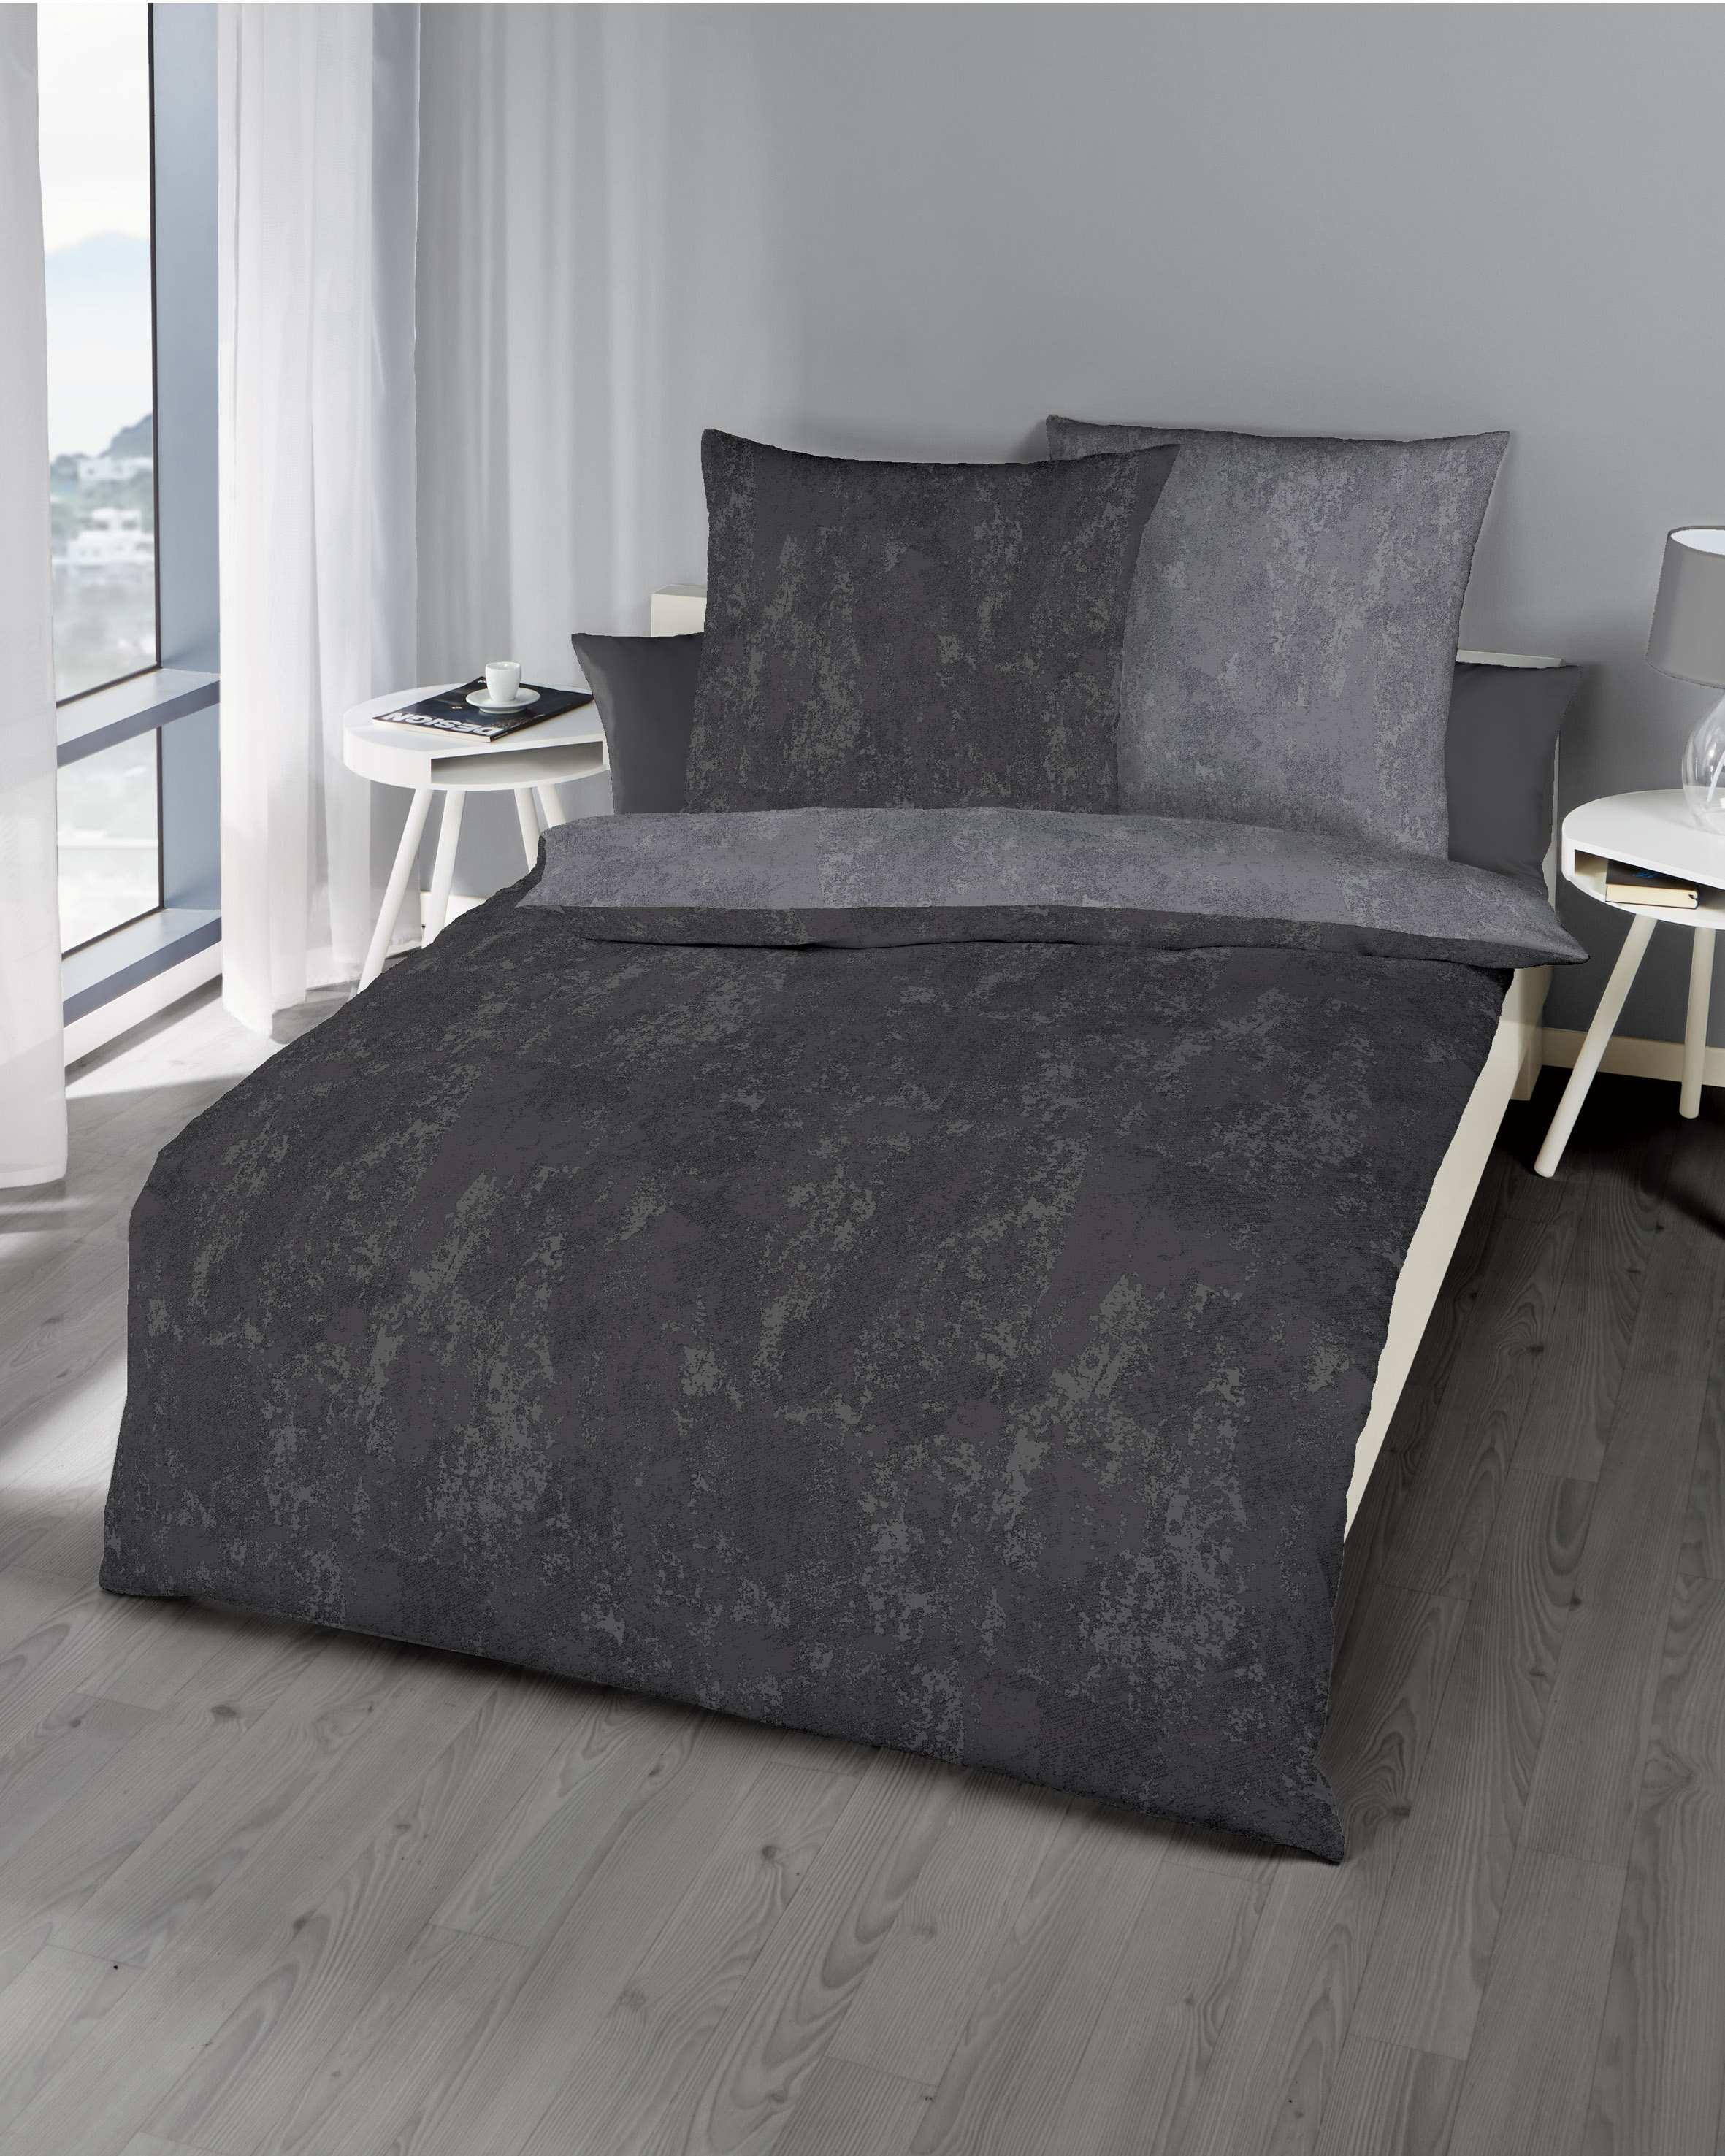 mako satin bettw sche qualit t zinn grau g nstig kaufen. Black Bedroom Furniture Sets. Home Design Ideas